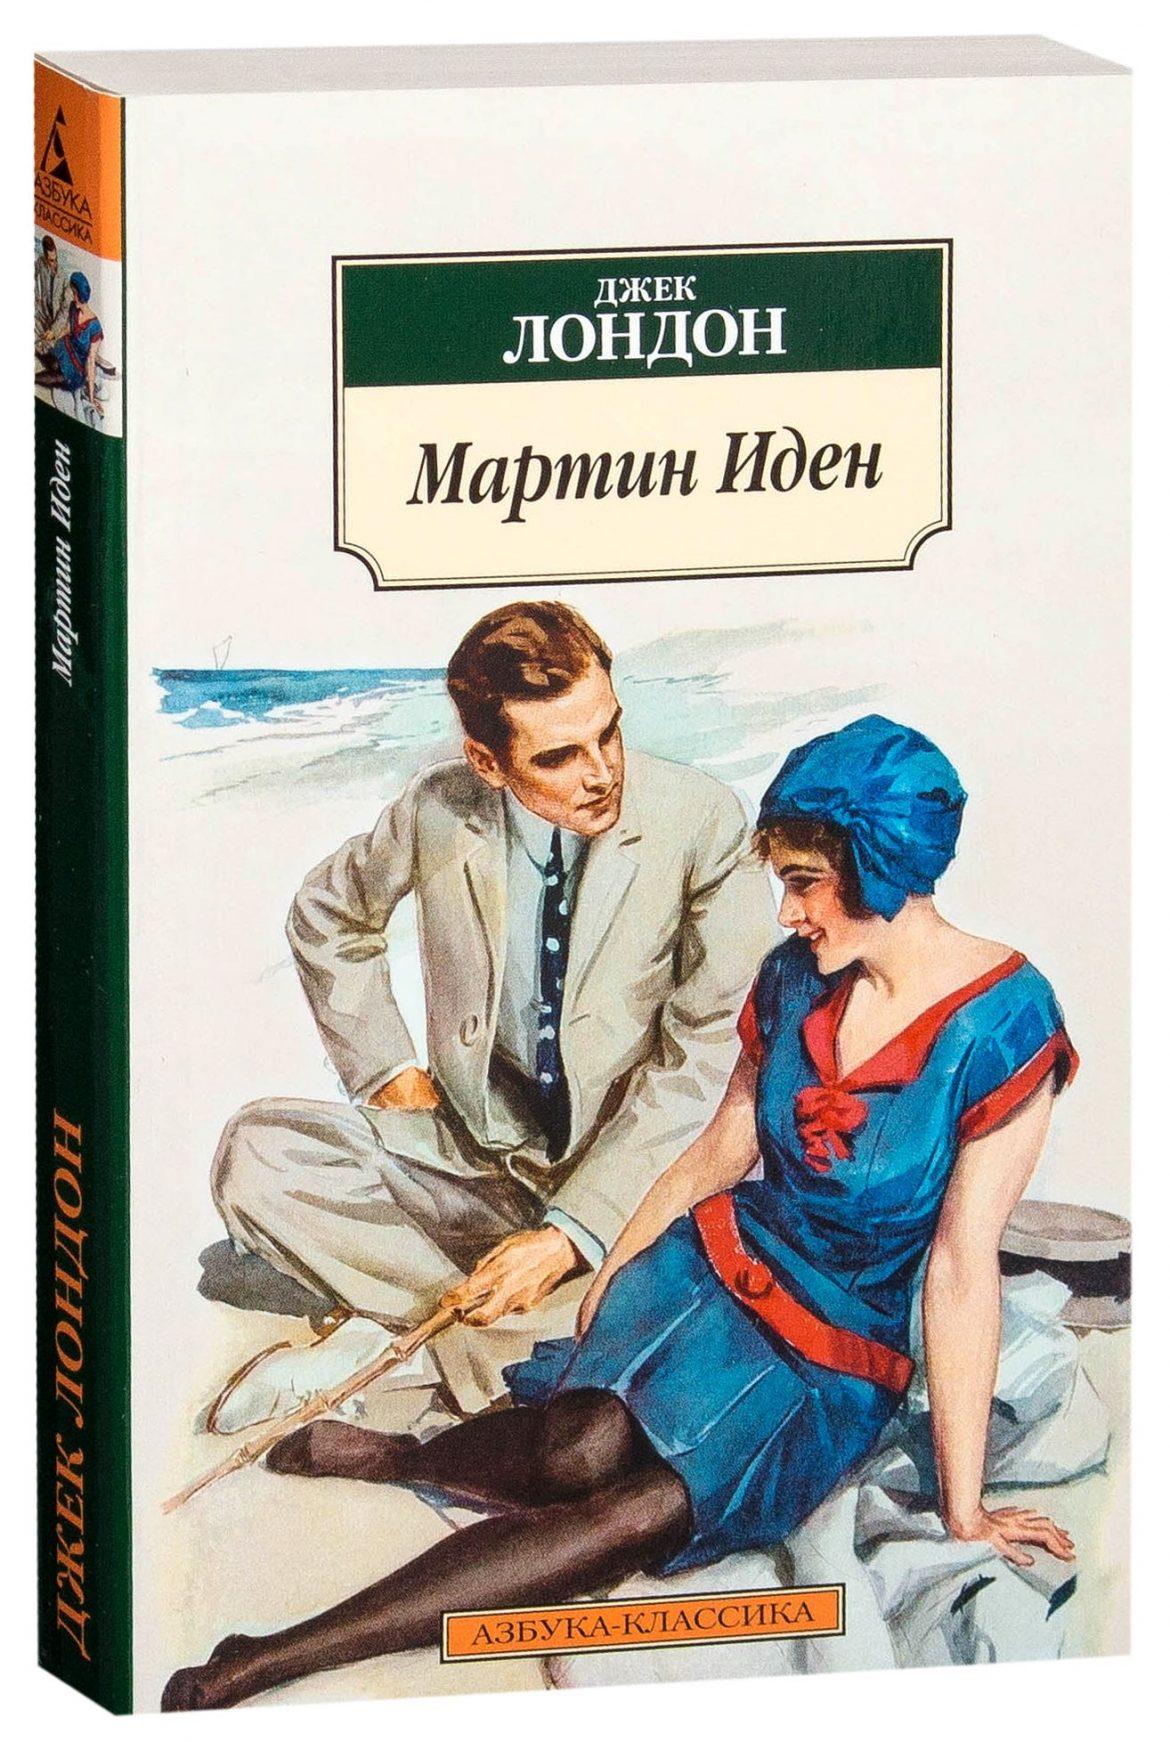 Мартин Иден — Джек Лондон